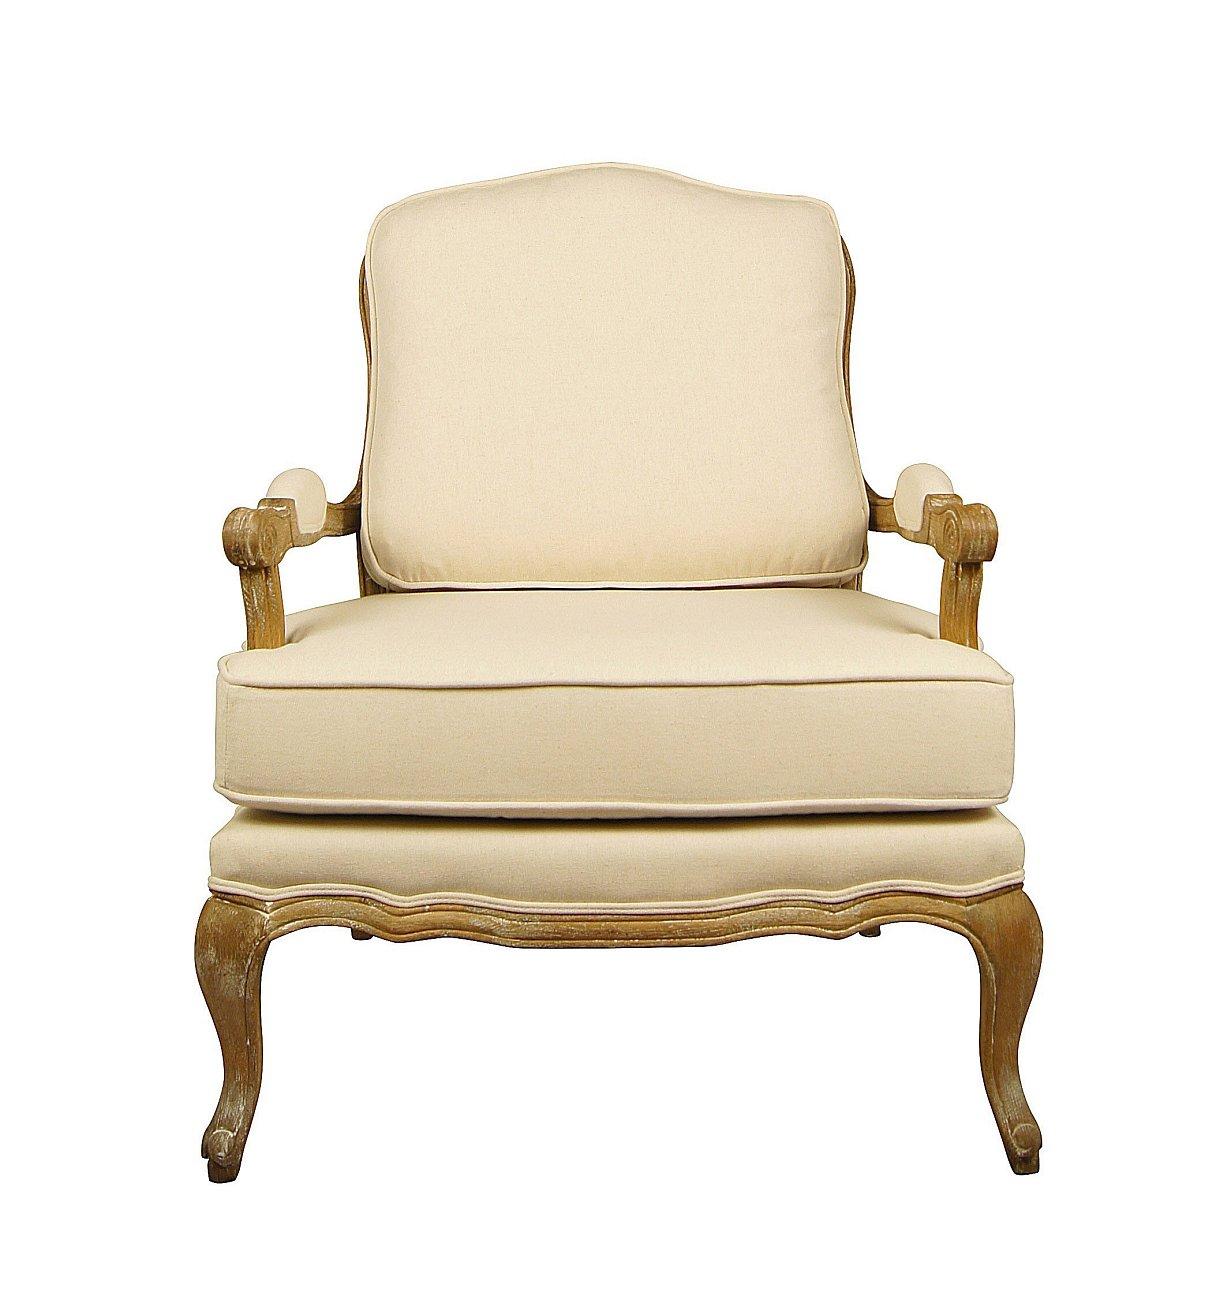 Купить Кресло с подушкой (Франция, Прованс) в интернет магазине дизайнерской мебели и аксессуаров для дома и дачи